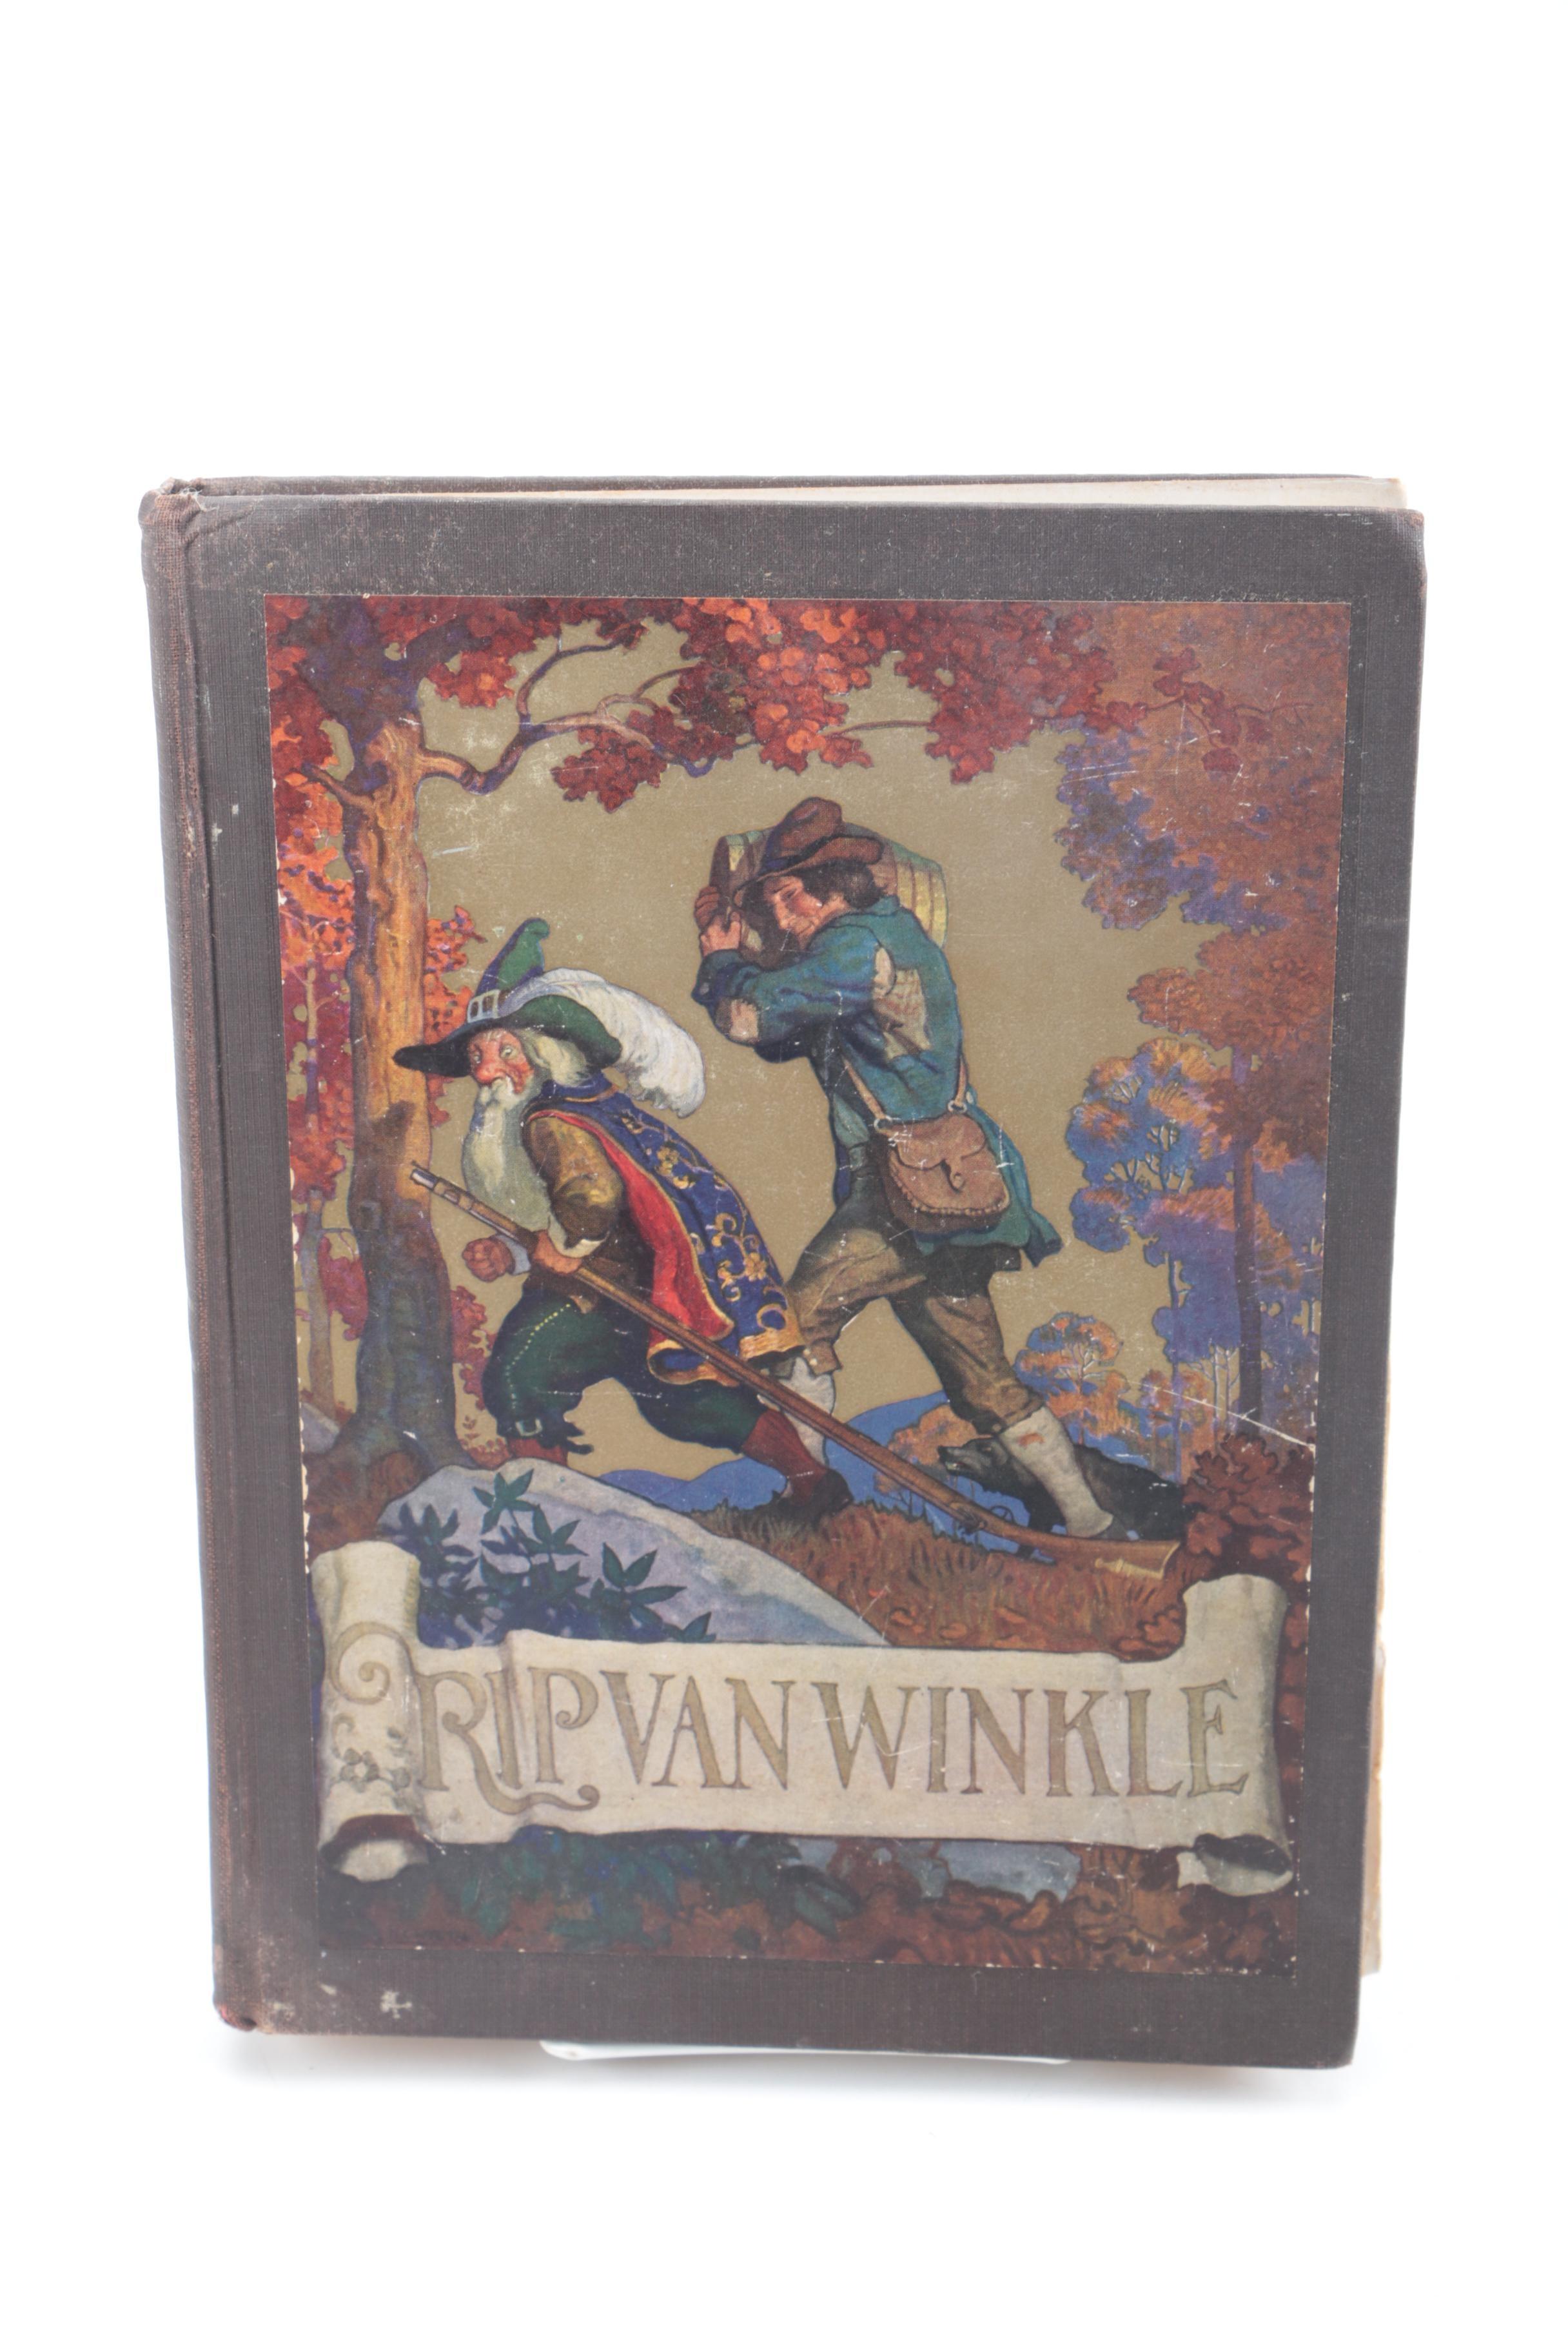 """1921 """"Rip Van Winkle"""" Illustrated by N. C. Wyeth"""